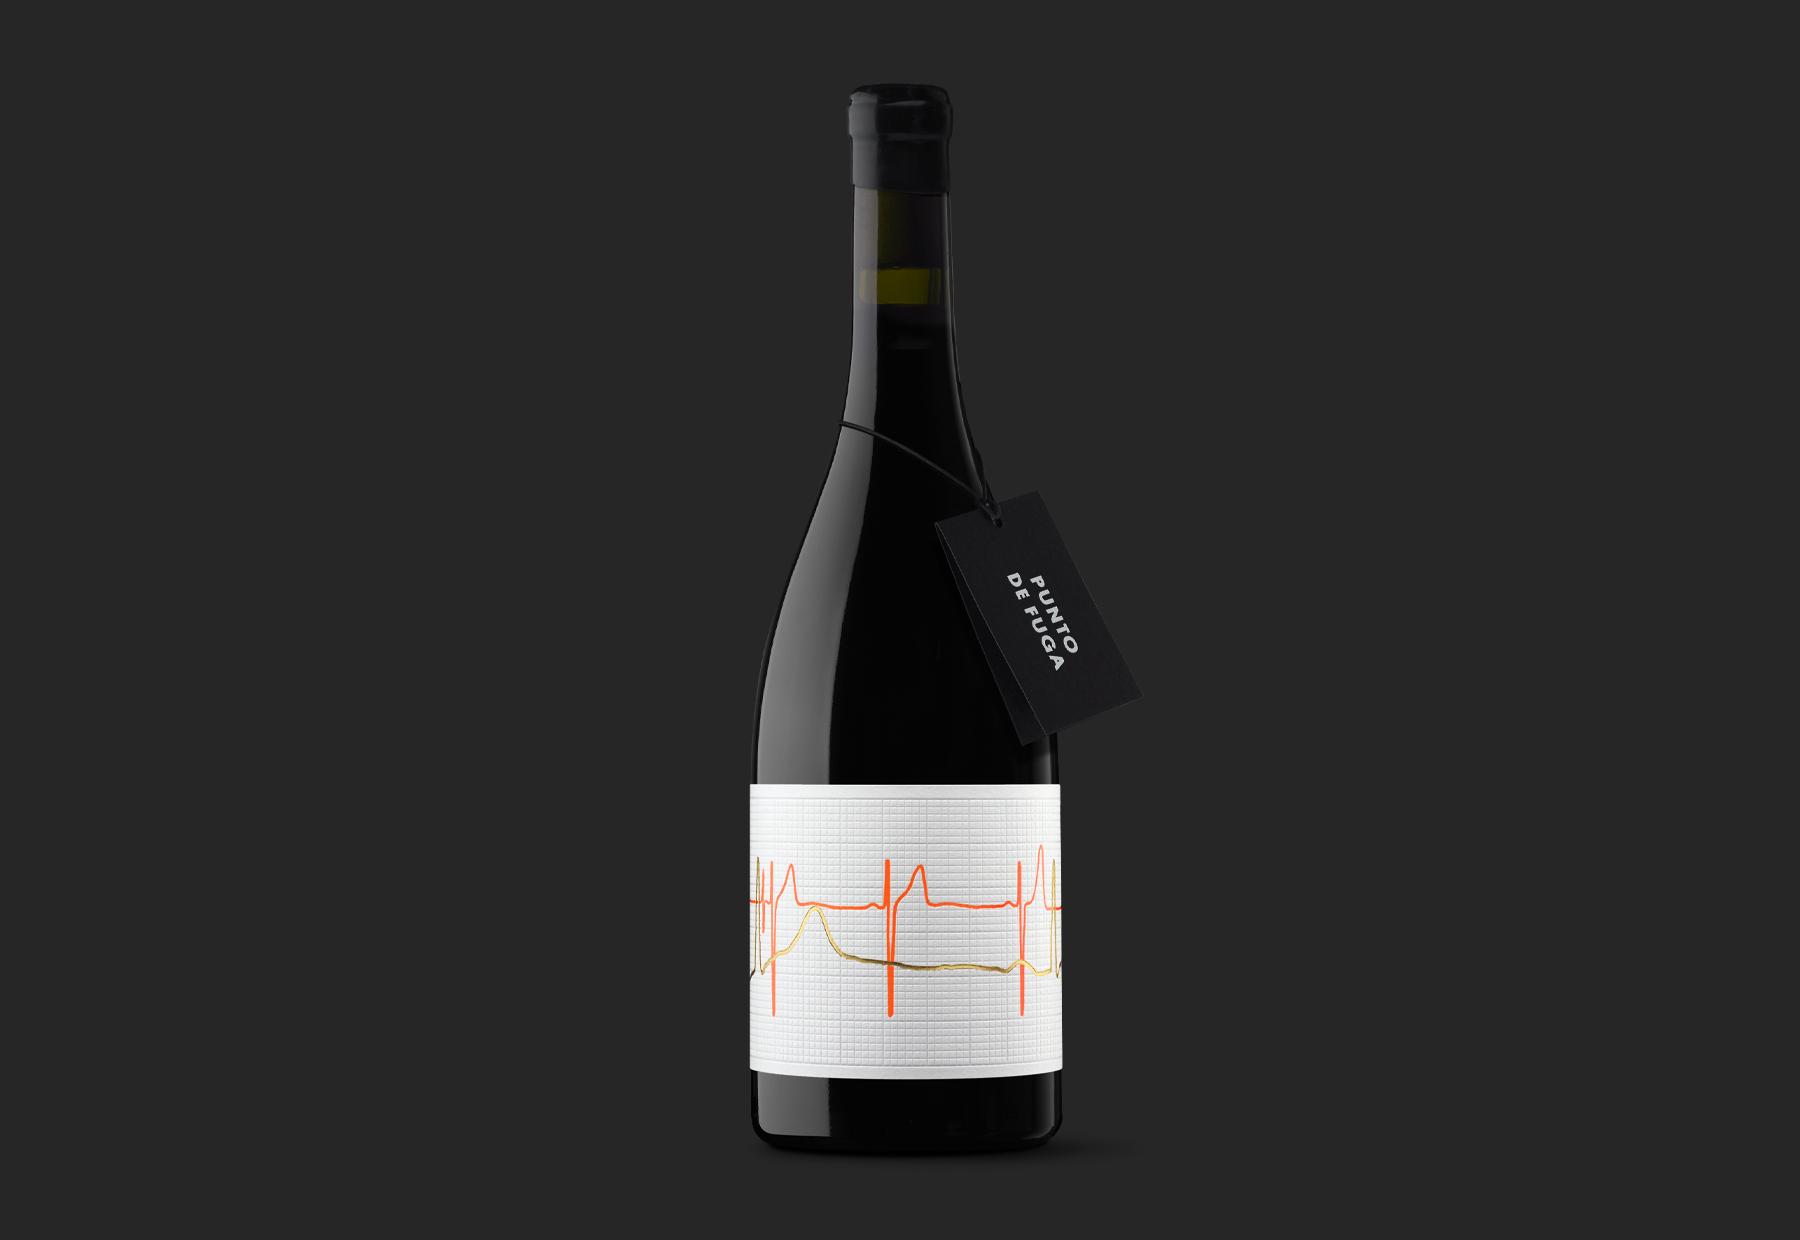 Moruba Designs the New Viña Zorzal Colab. Punto de Fuga